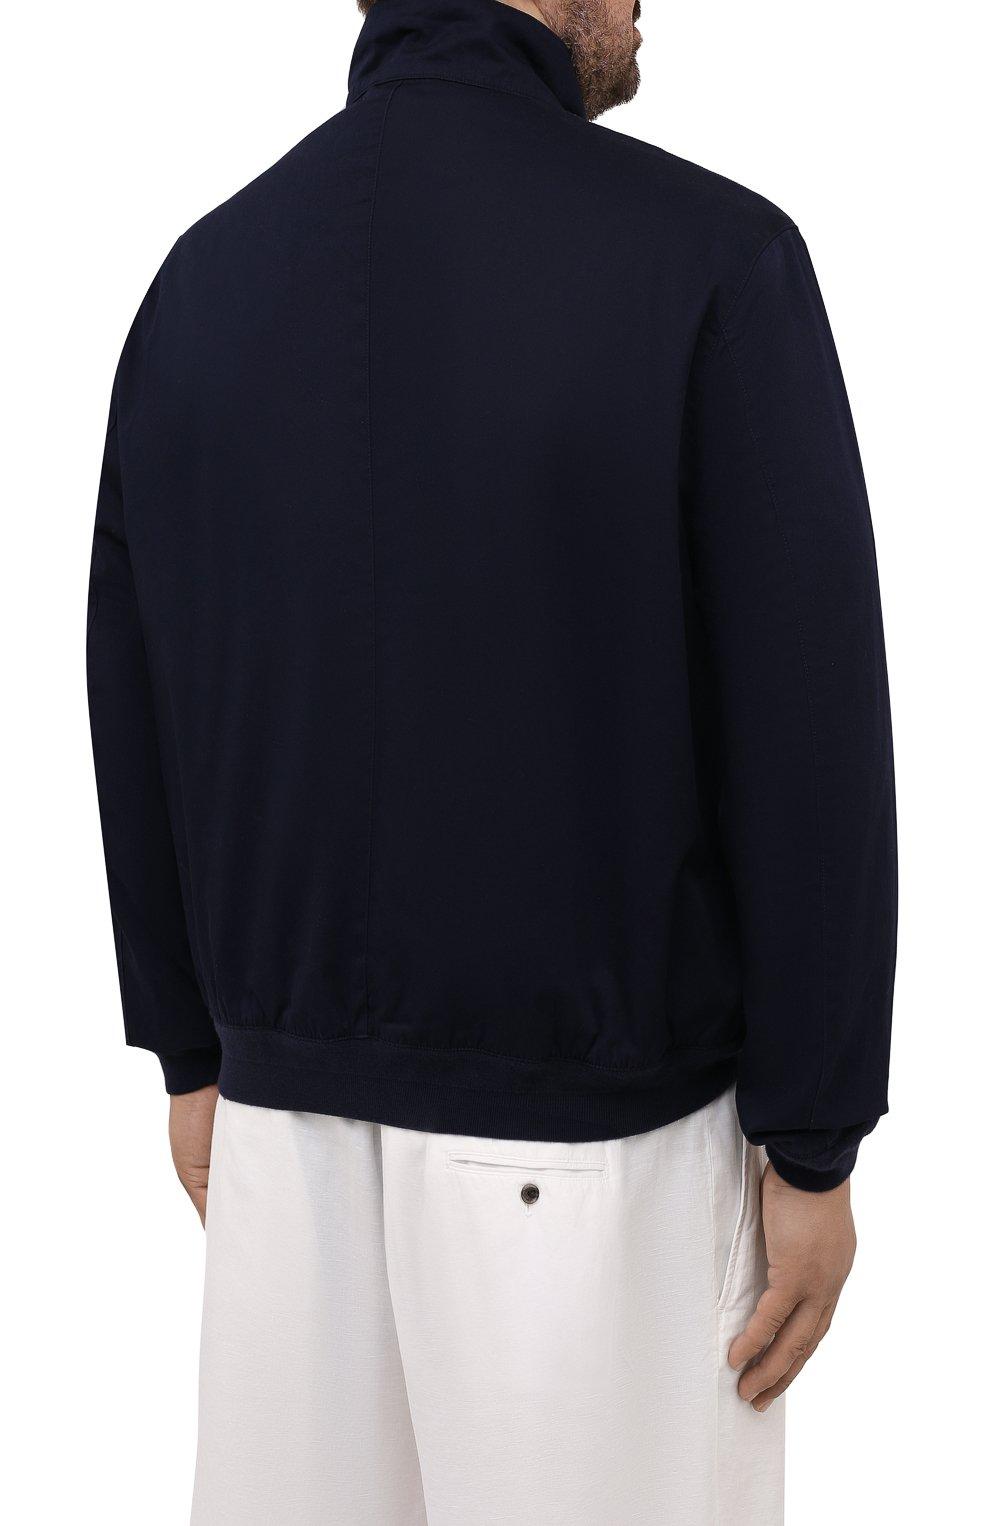 Мужской хлопковый бомбер POLO RALPH LAUREN темно-синего цвета, арт. 711776849/PRL BS   Фото 4 (Кросс-КТ: Куртка; Big sizes: Big Sizes; Рукава: Длинные; Принт: Без принта; Материал внешний: Хлопок; Длина (верхняя одежда): Короткие; Материал подклада: Хлопок; Стили: Кэжуэл)